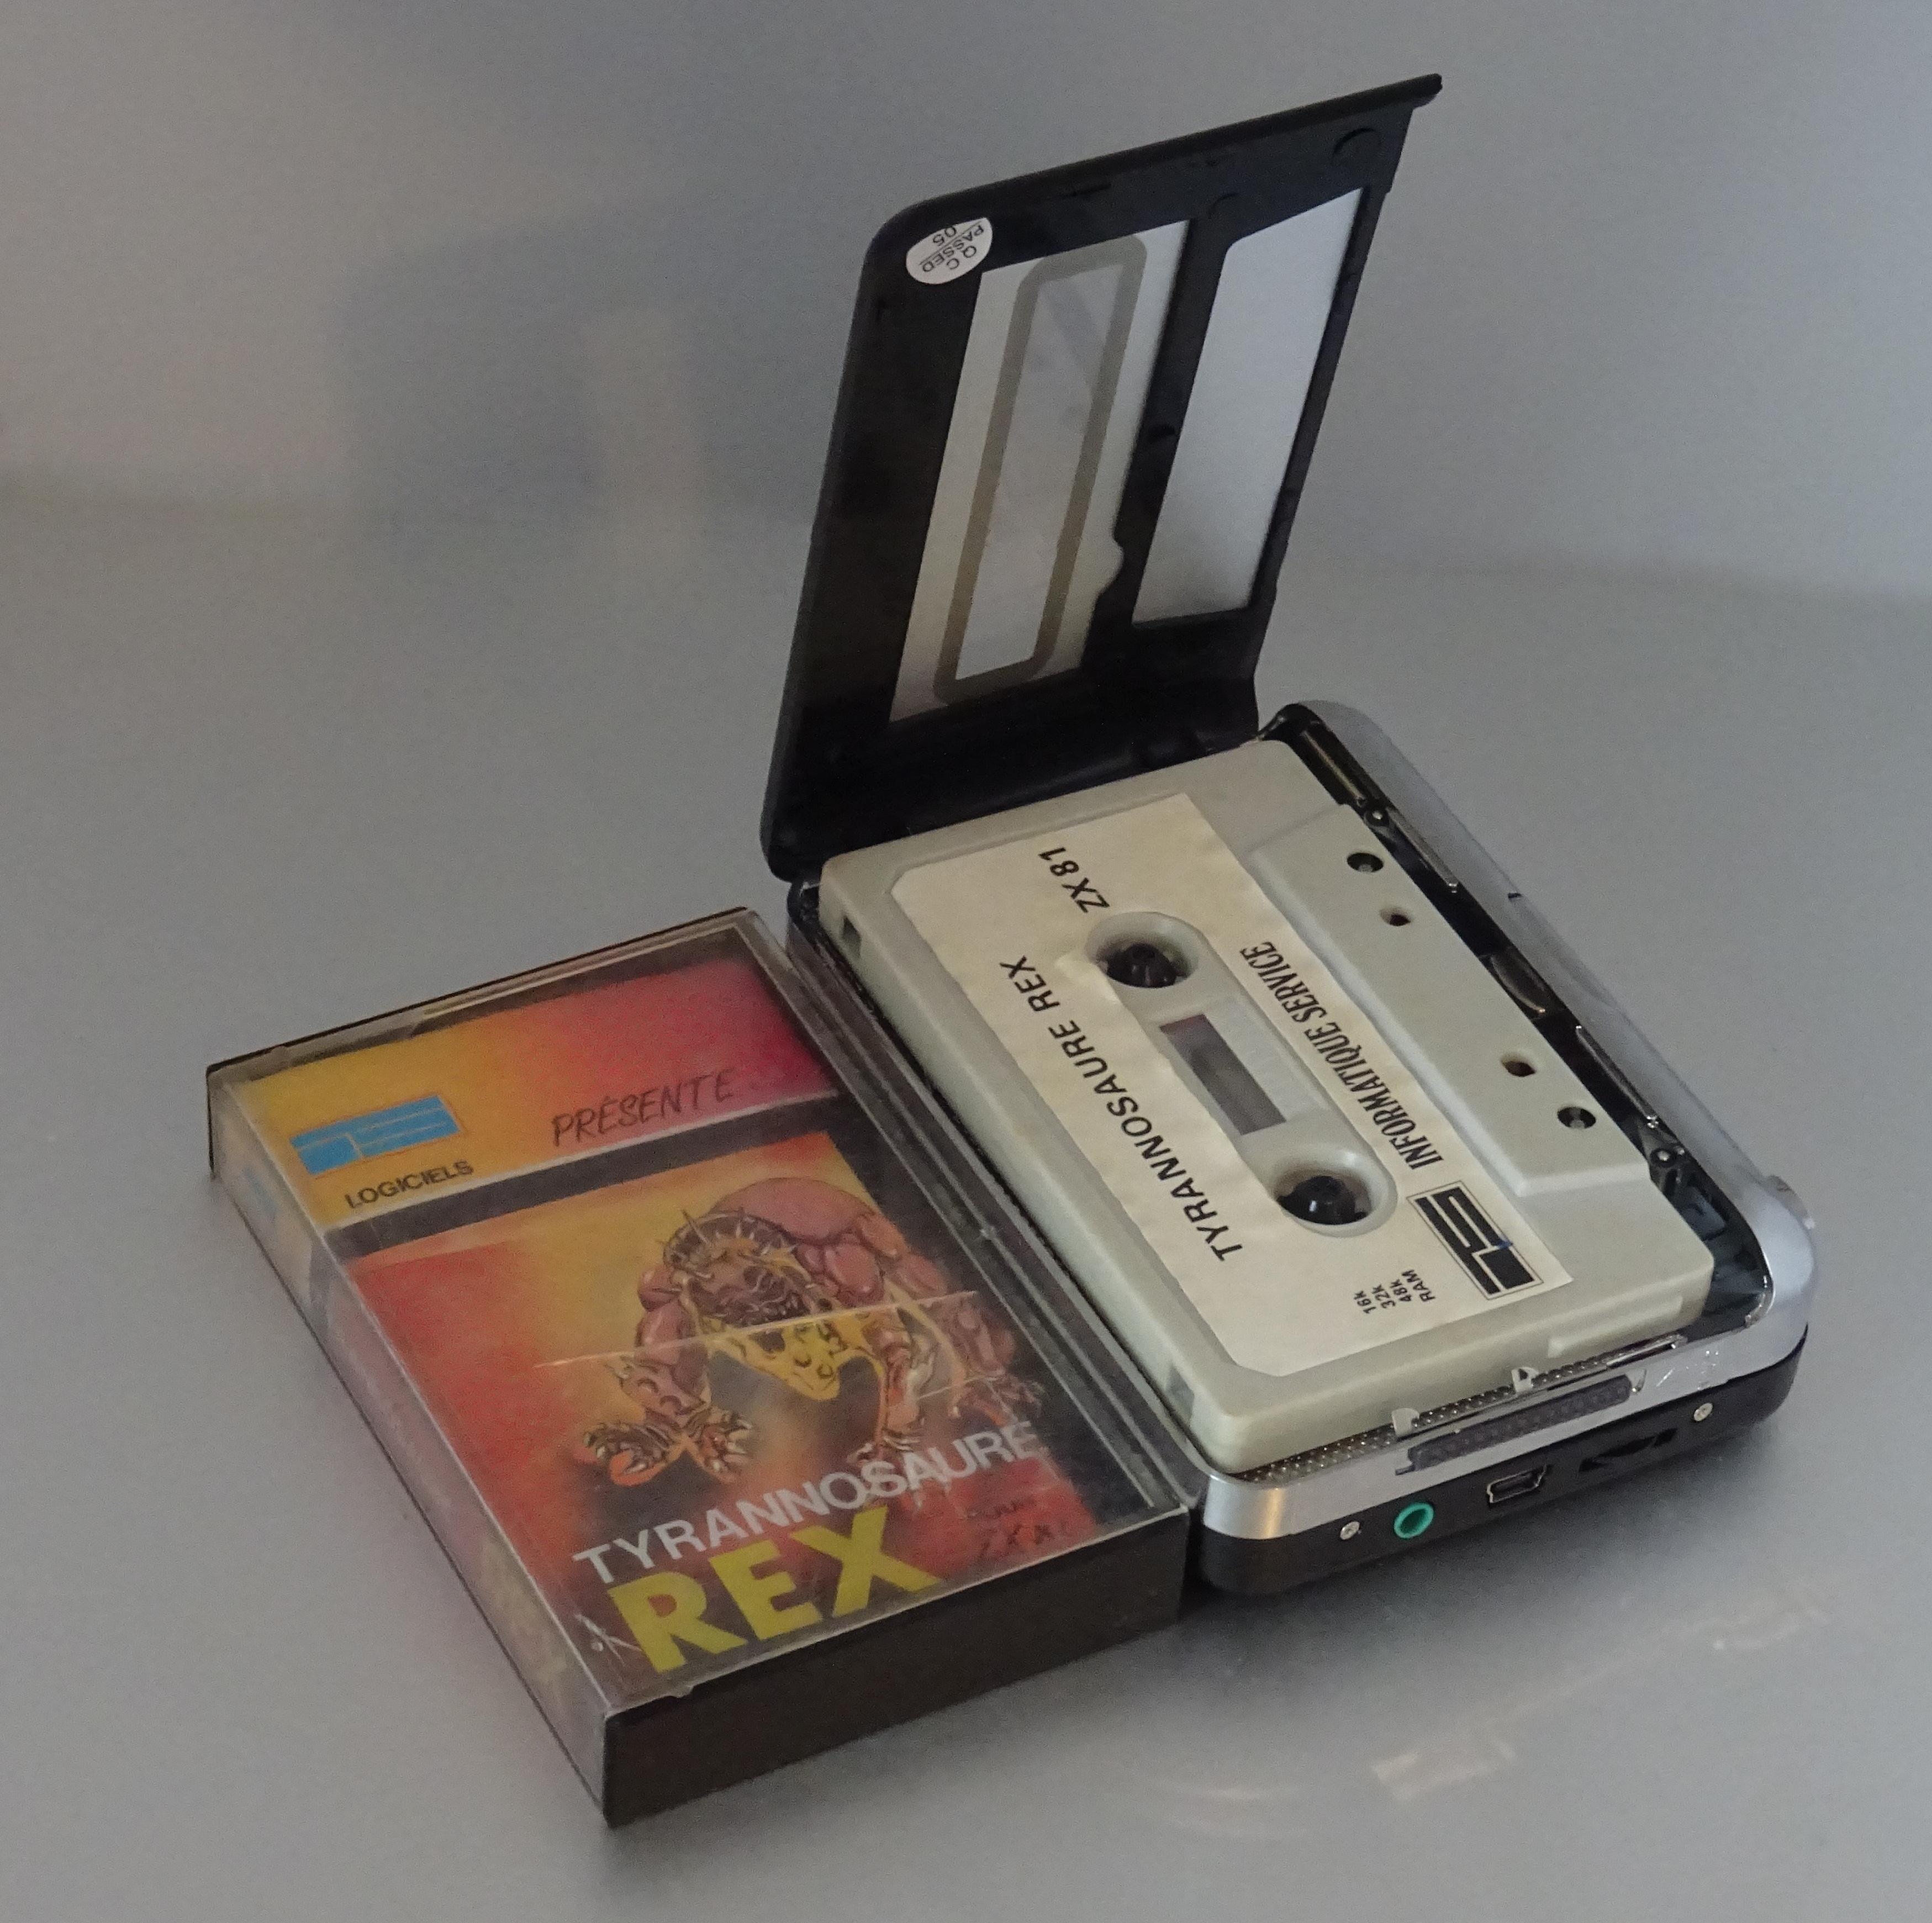 un jeu vid o sur cassette le journal du lapin. Black Bedroom Furniture Sets. Home Design Ideas